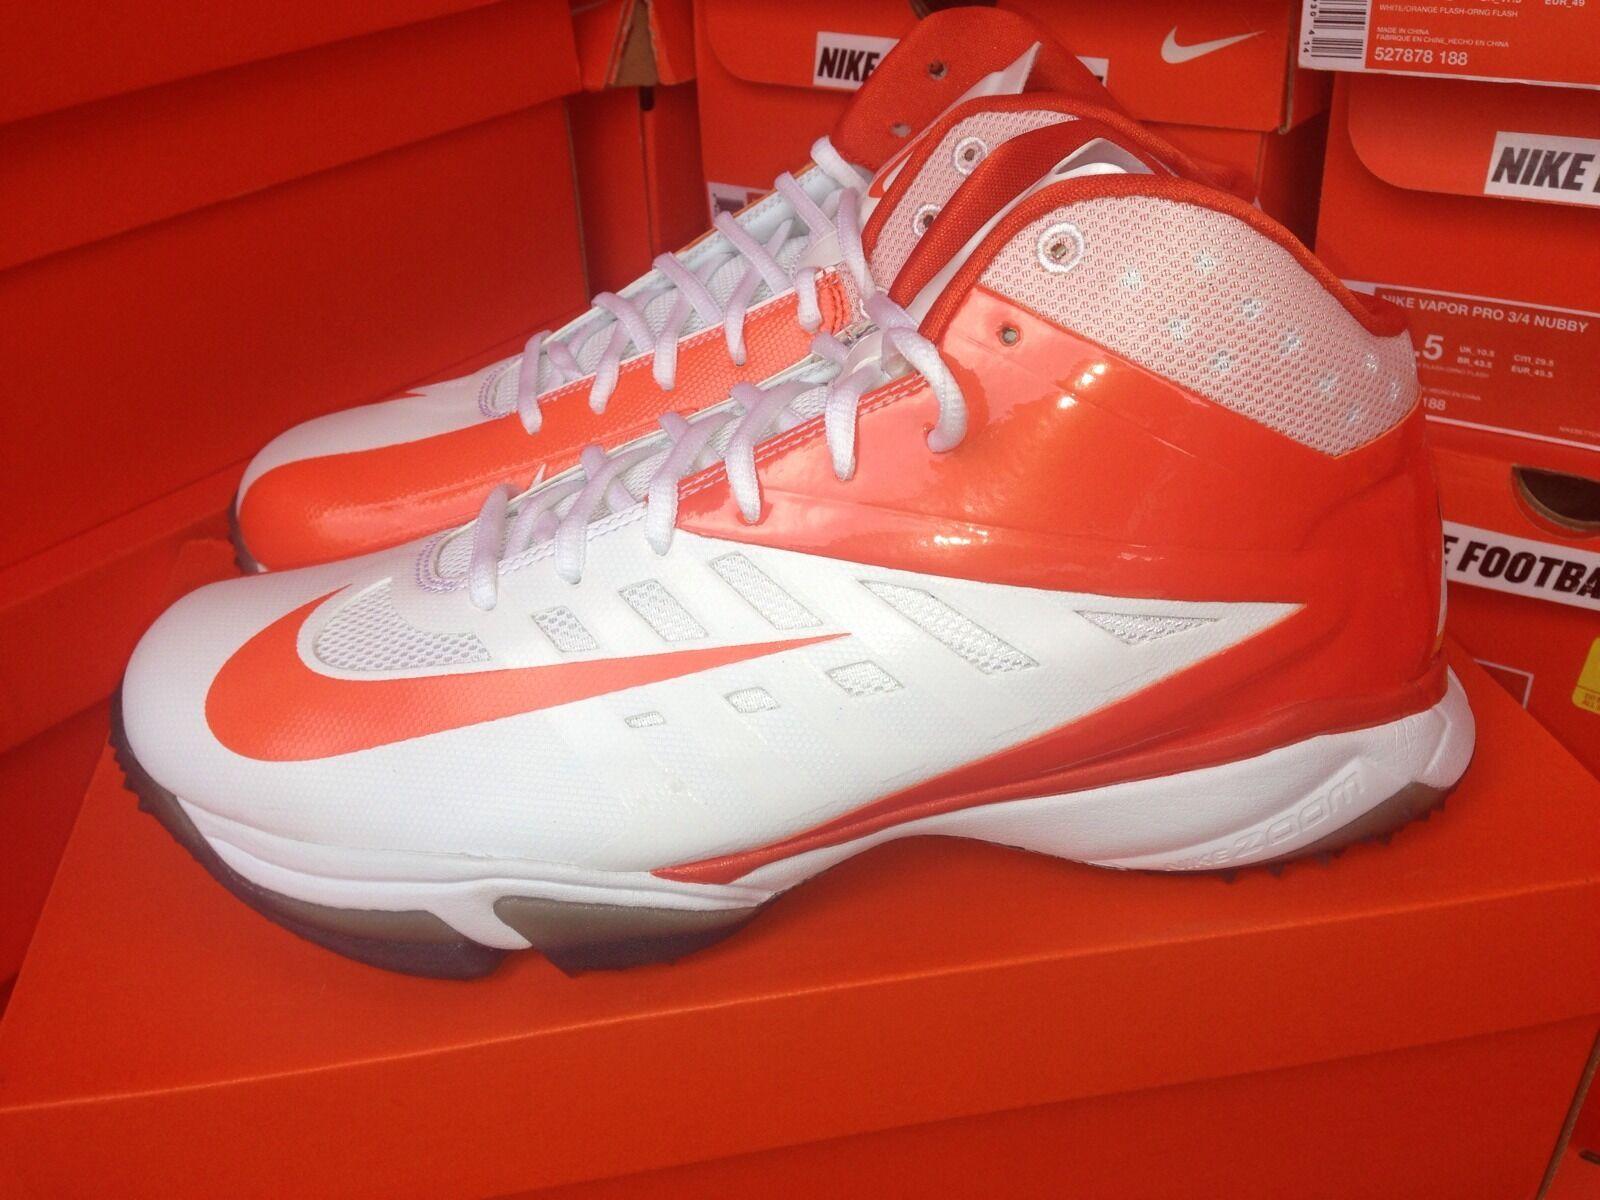 DS Nike Vapor Pro 3/4 Nubby Mens Athletic Shoes Size 15